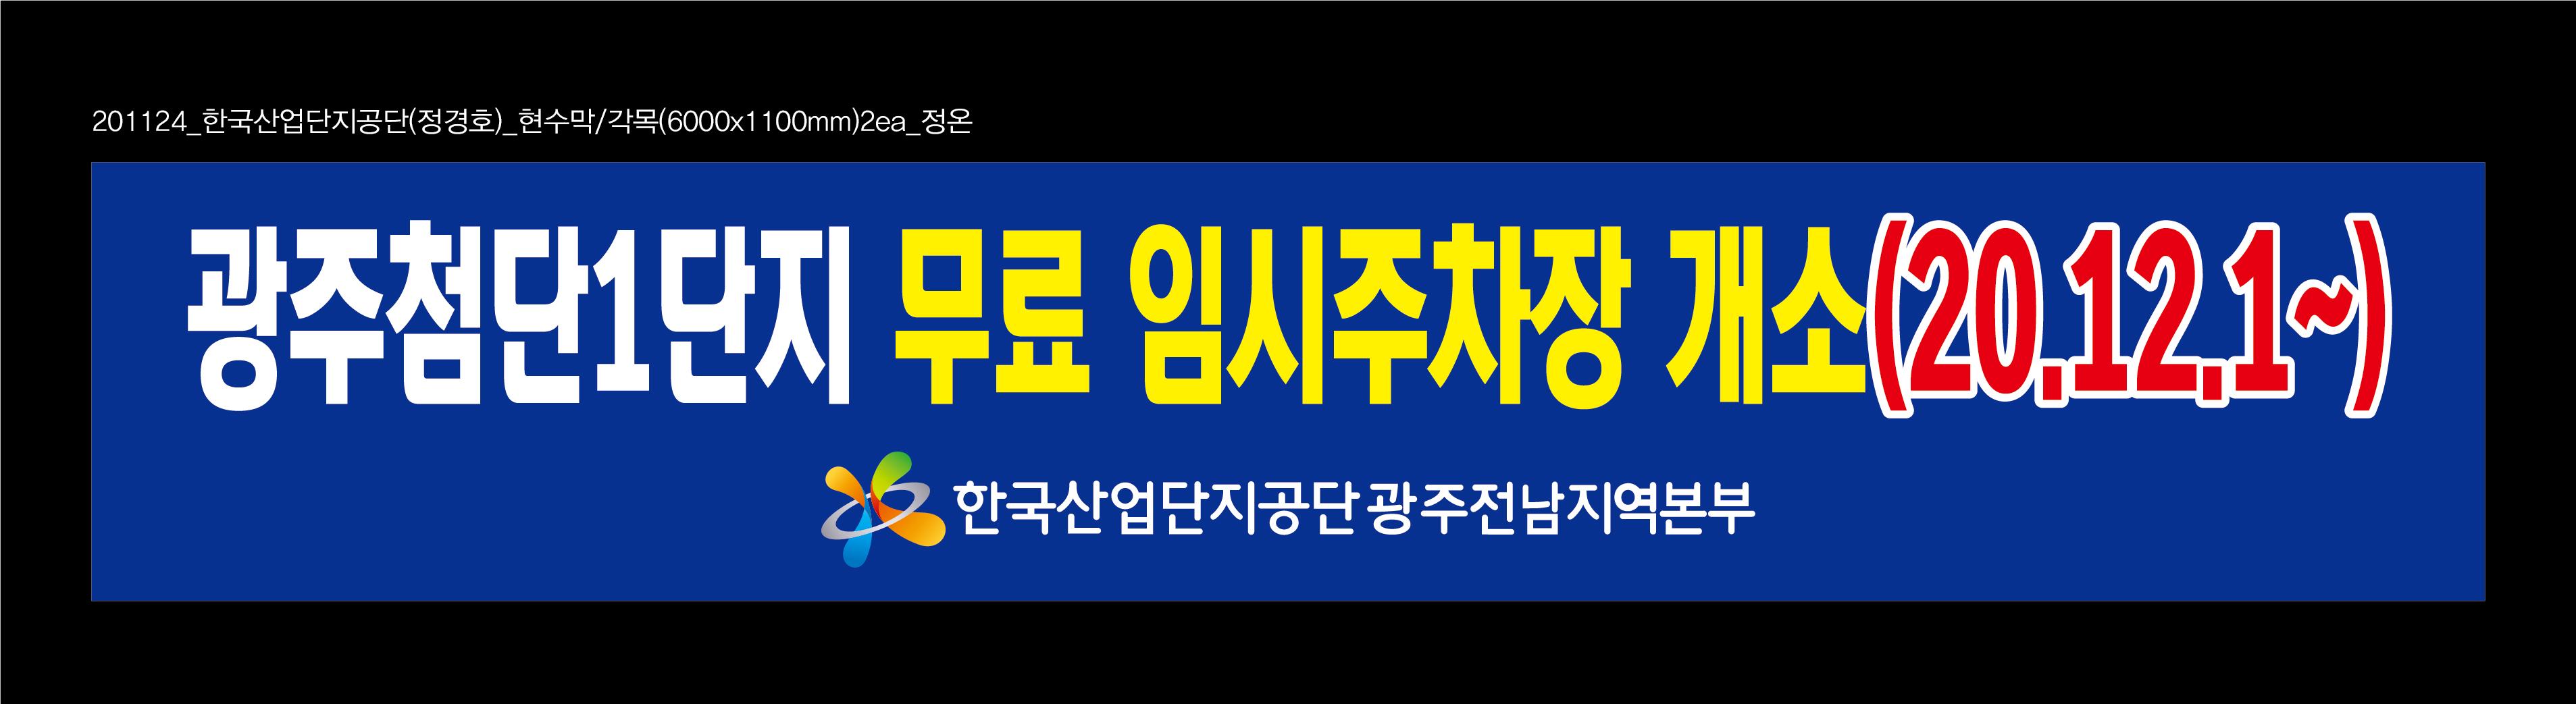 201124_한국산업단지공단(정경호)_현수막